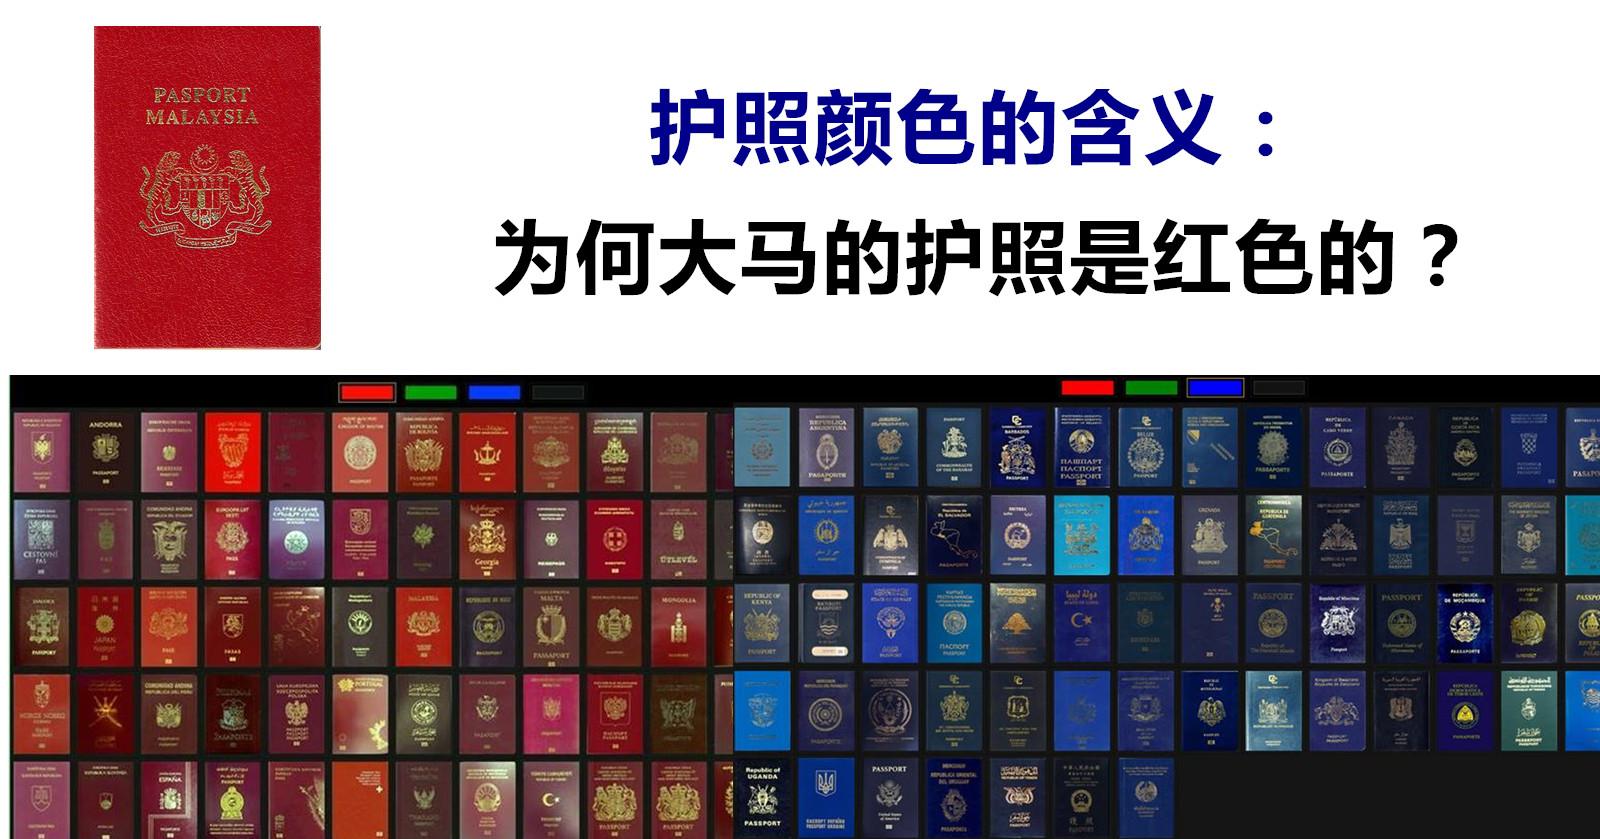 护照颜色的含义:为何大马的护照是红色的?